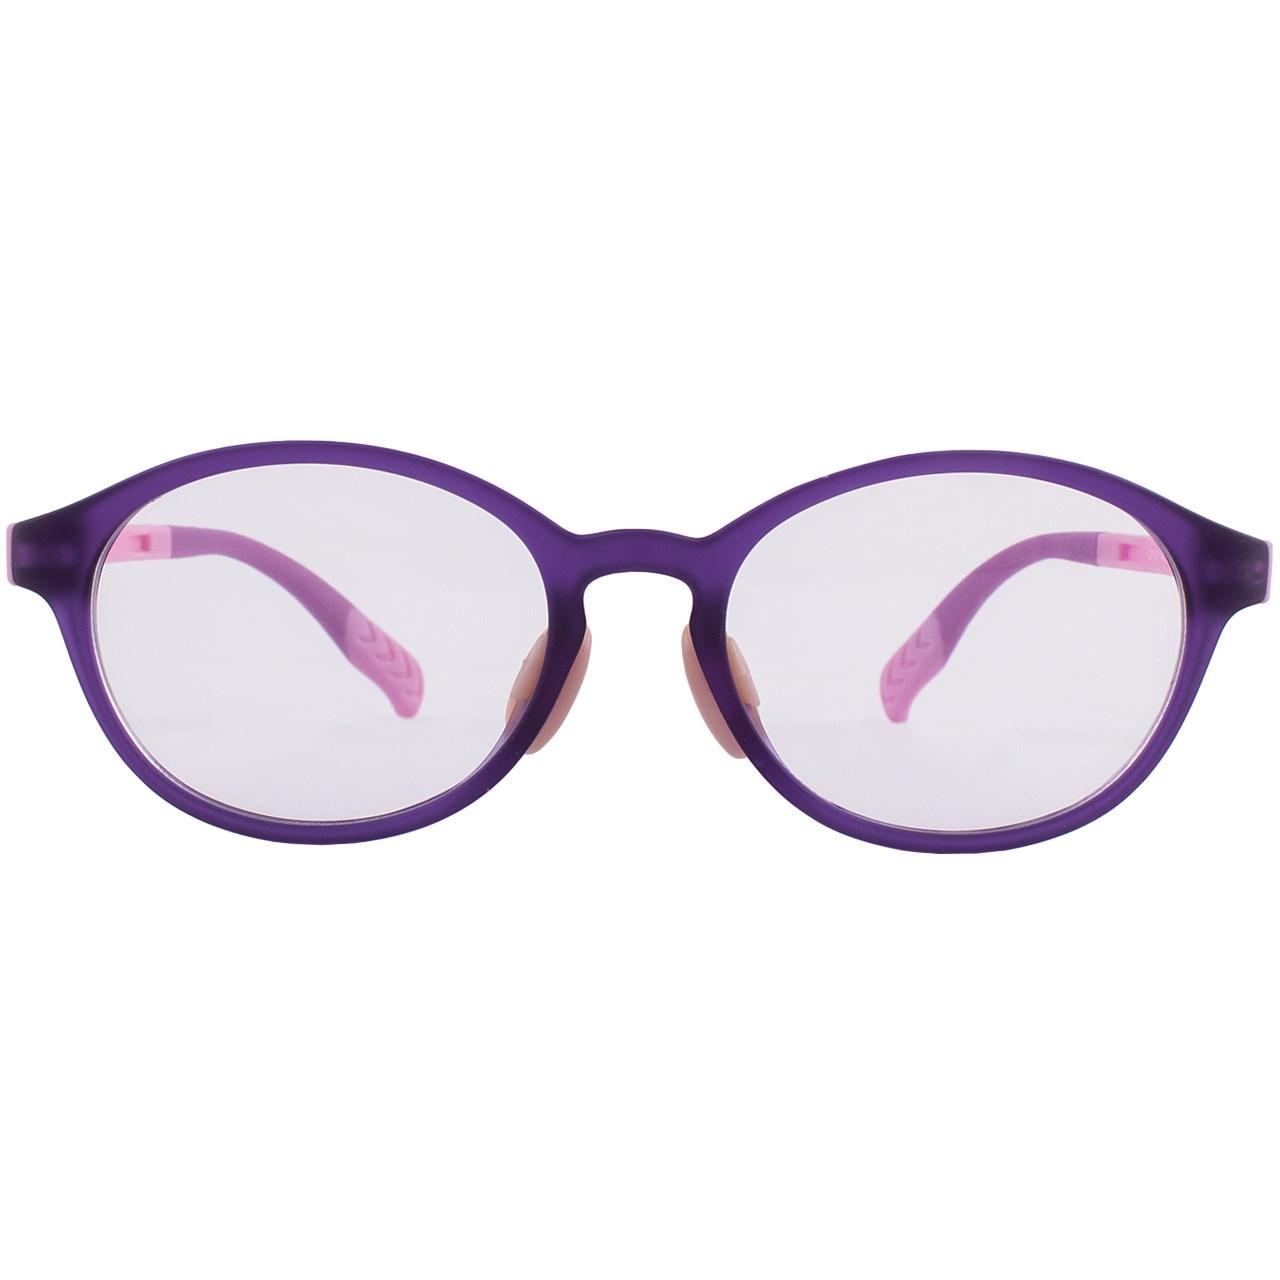 فریم عینک بچگانه واته مدل 2101C2